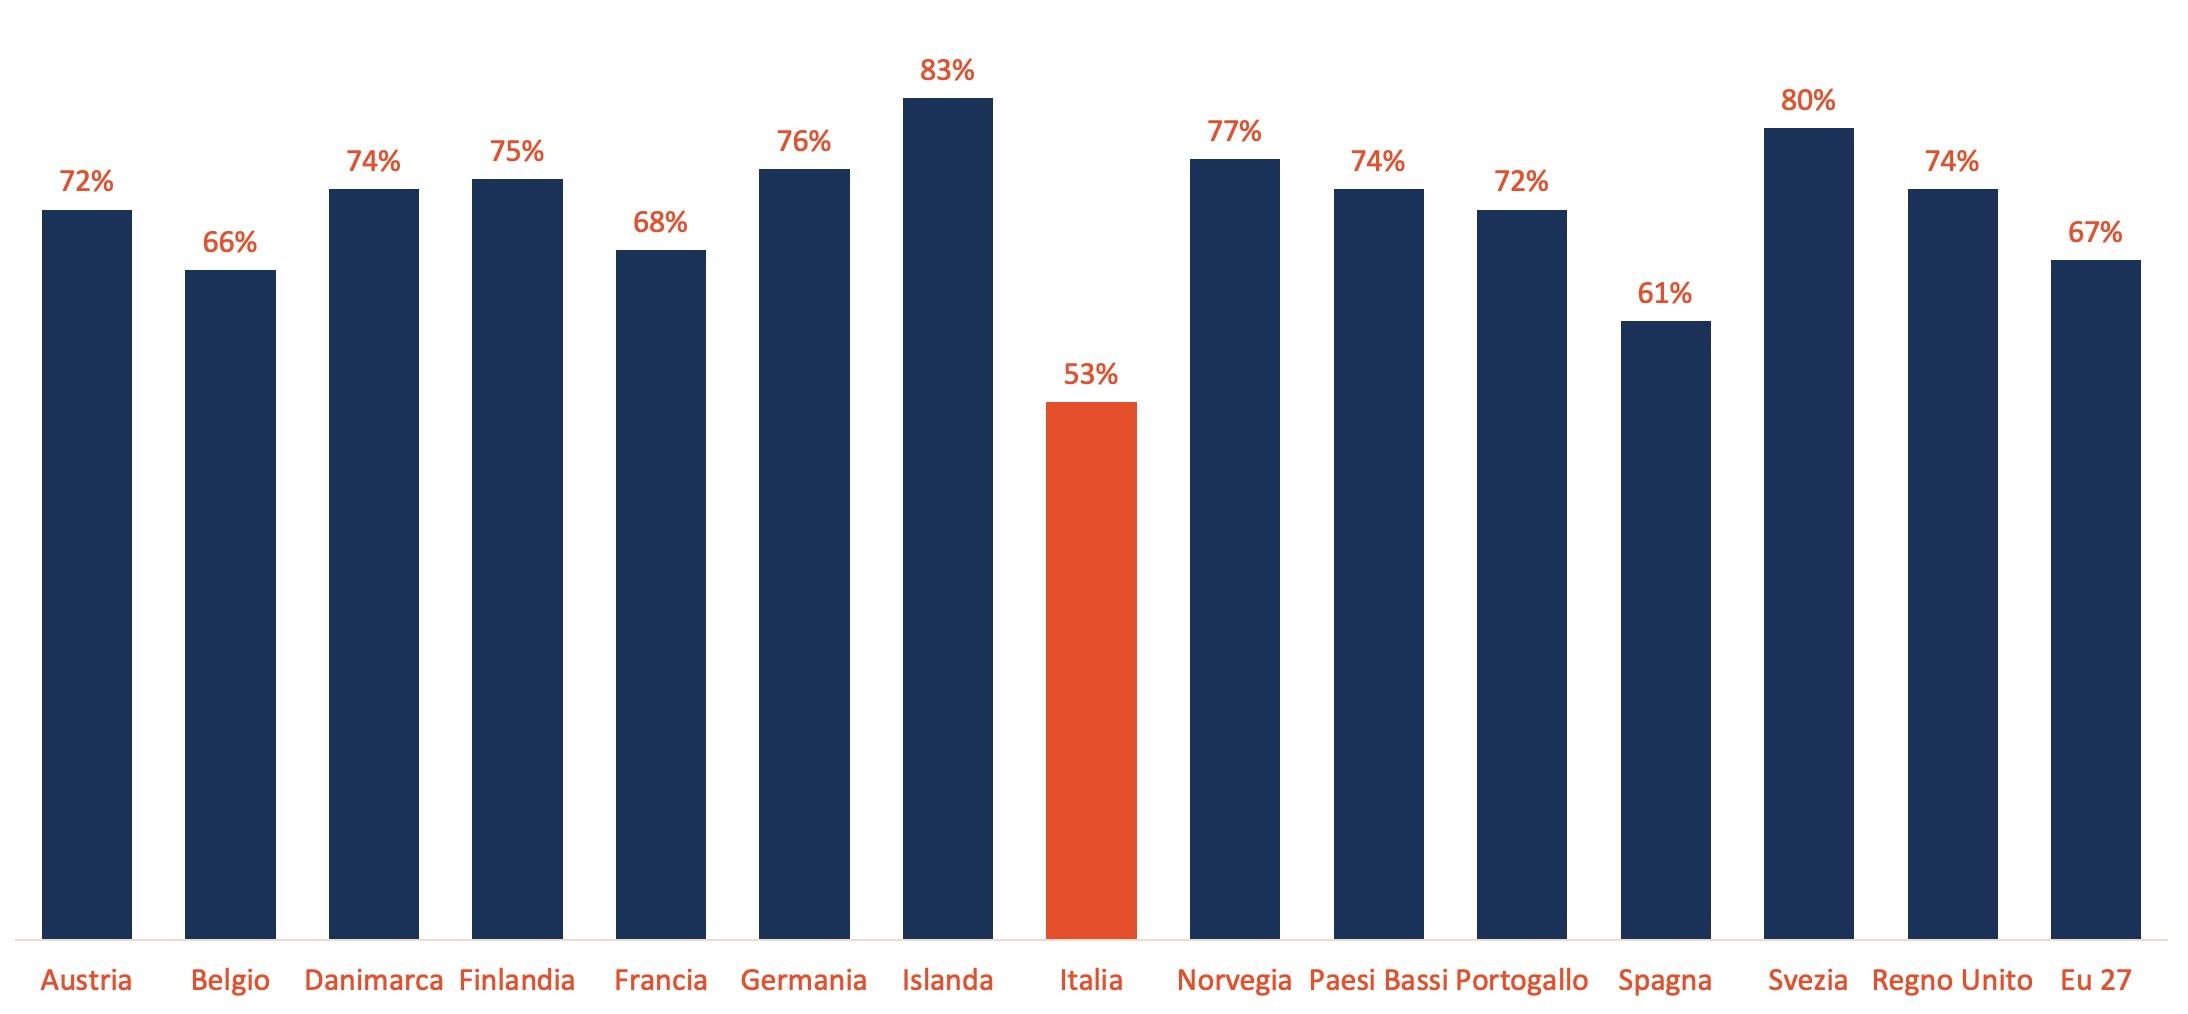 Tasso di occupazione femminile (EUROSTAT, 2018). Il dato cattura la percentuale di donne che lavorano rispetto alla popolazione femminile tra i 20-64 anni.